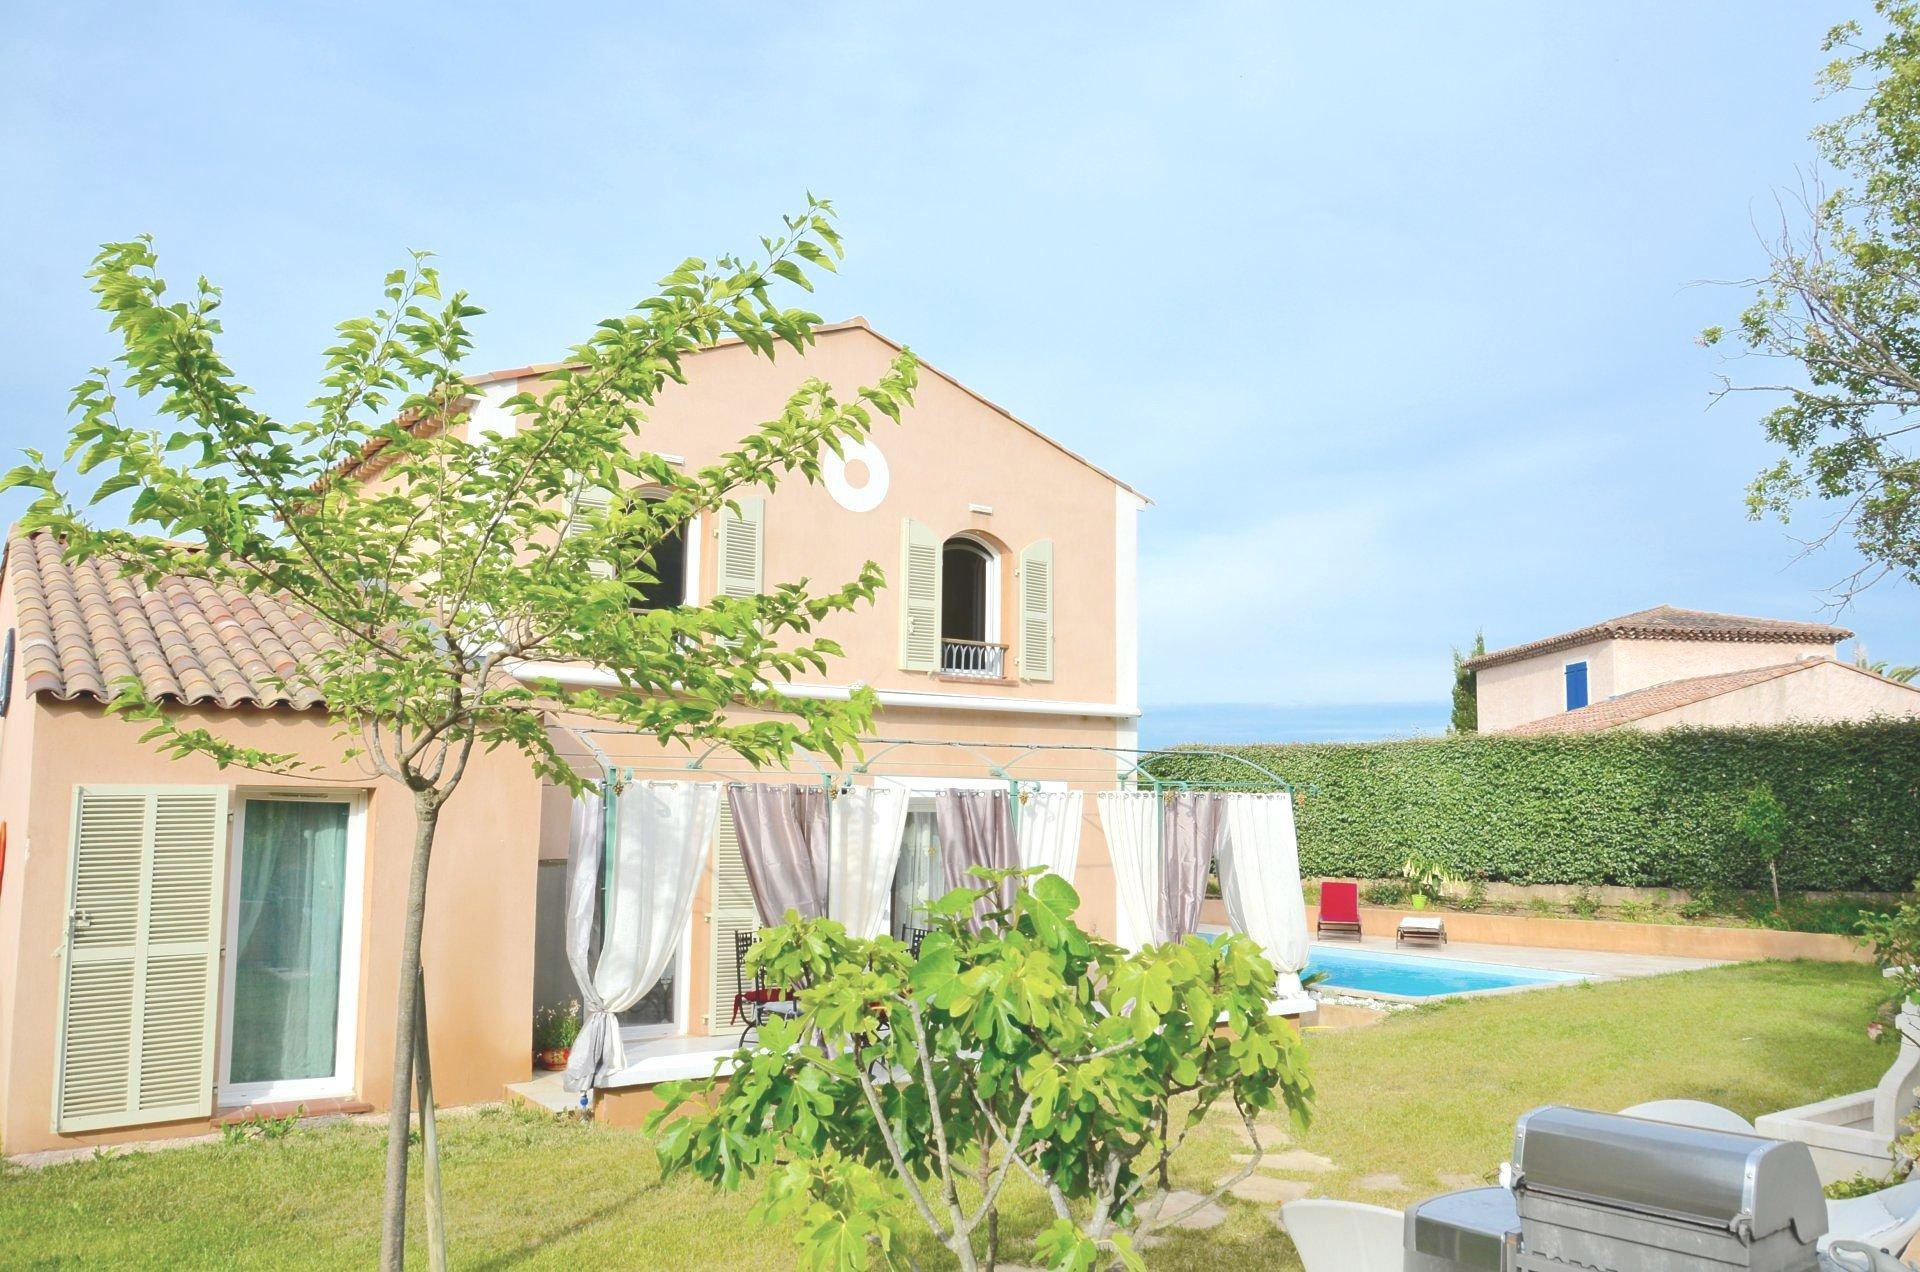 Villa familiale 4 chambres avec piscine, jardin, garage